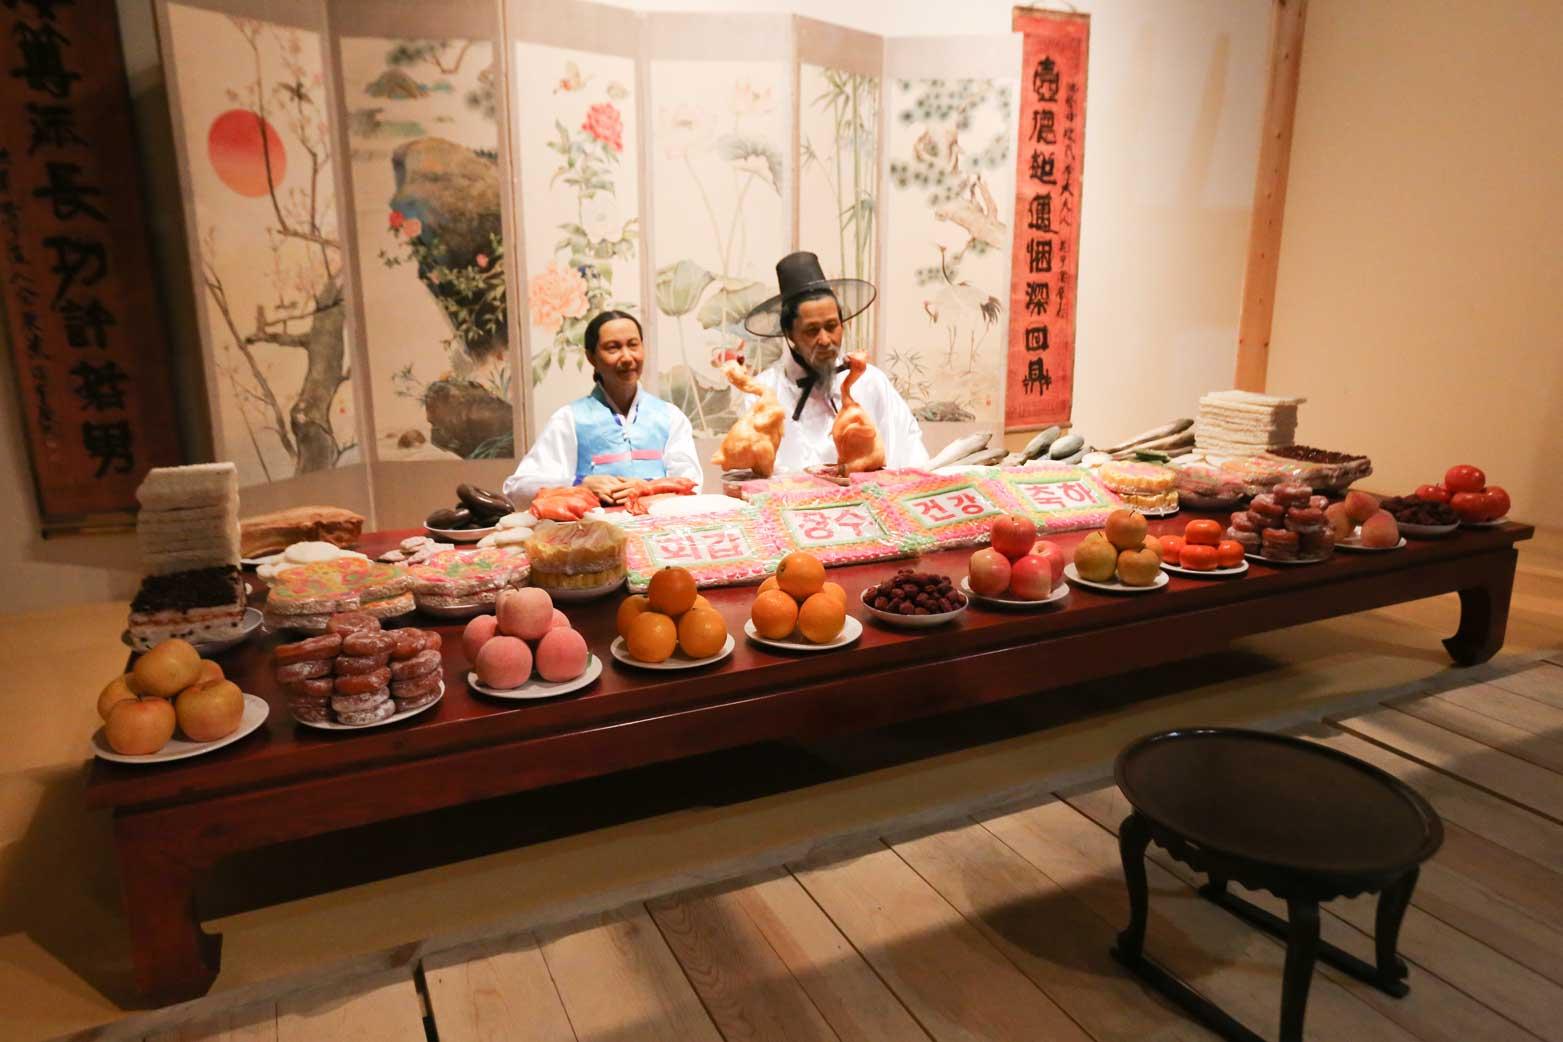 延辺朝鮮族自治州60周年にできた延辺博物館と朝鮮族の冷めた関係_b0235153_11234853.jpg